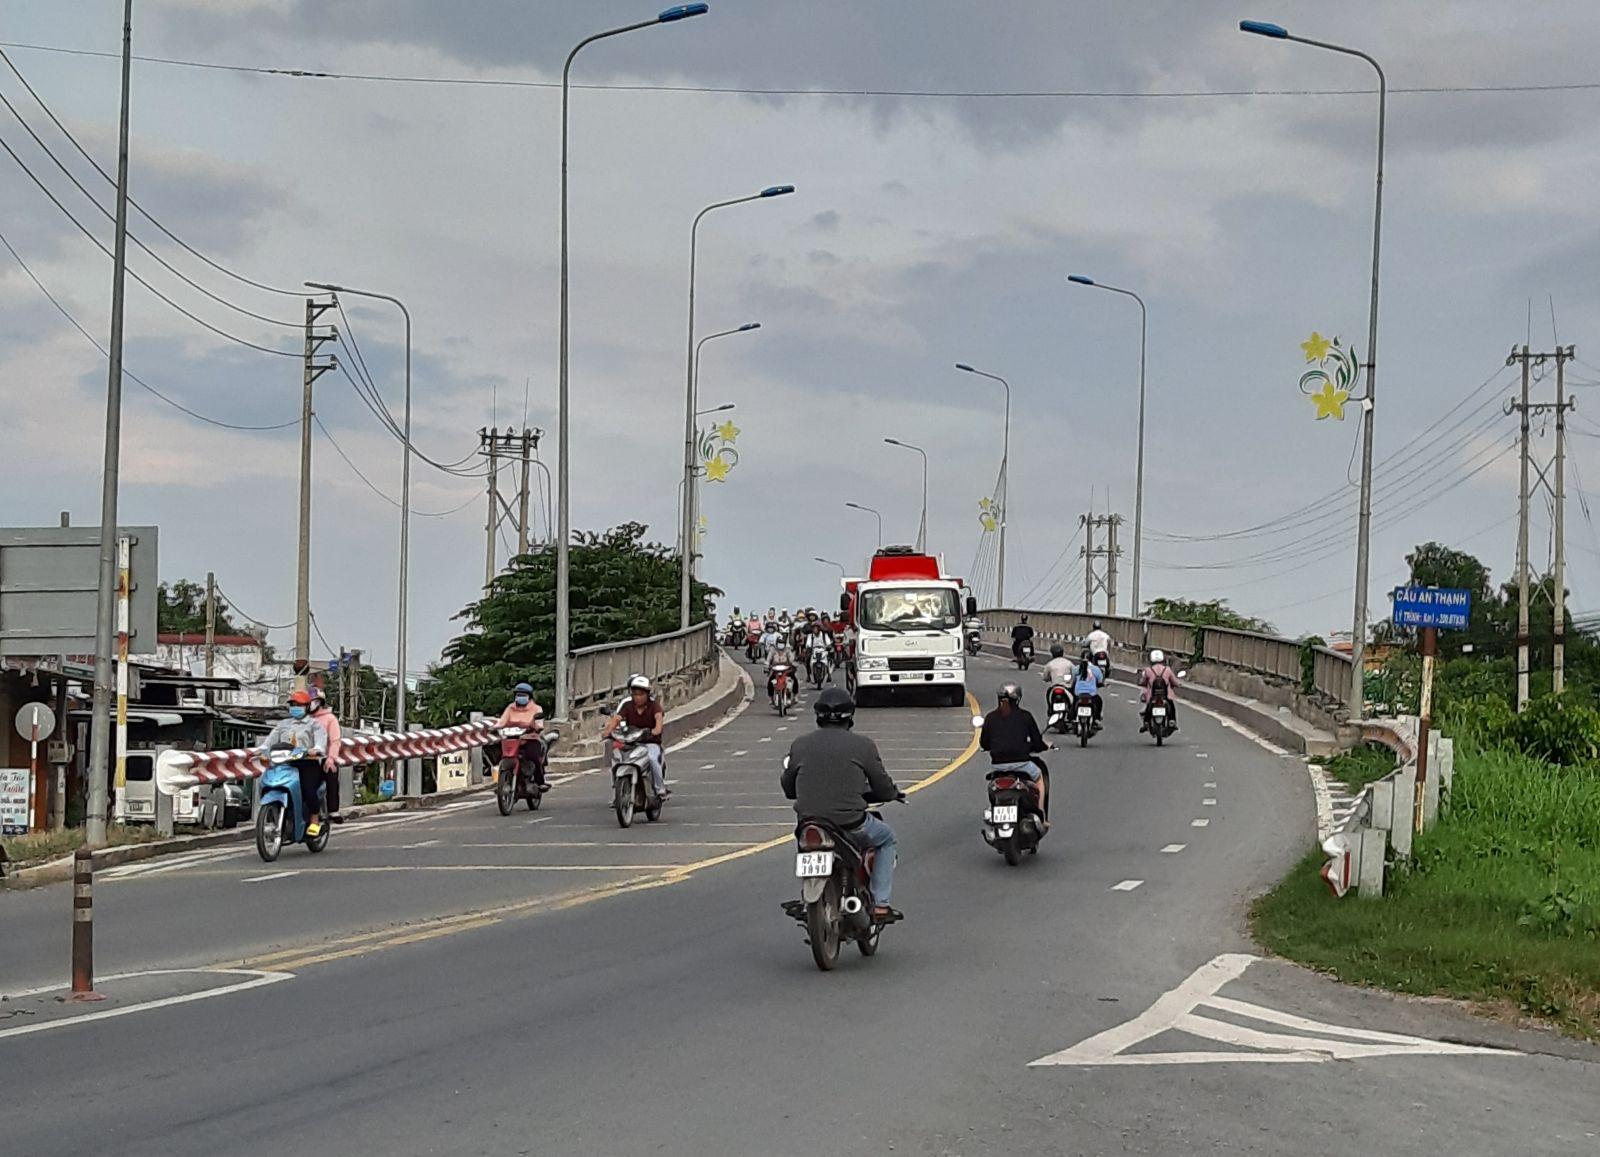 Đường tỉnh 830 cơ bản đáp ứng nhu cầu vận chuyển hàng hóa, phục vụ phát triển kinh tế của tỉnh Long An